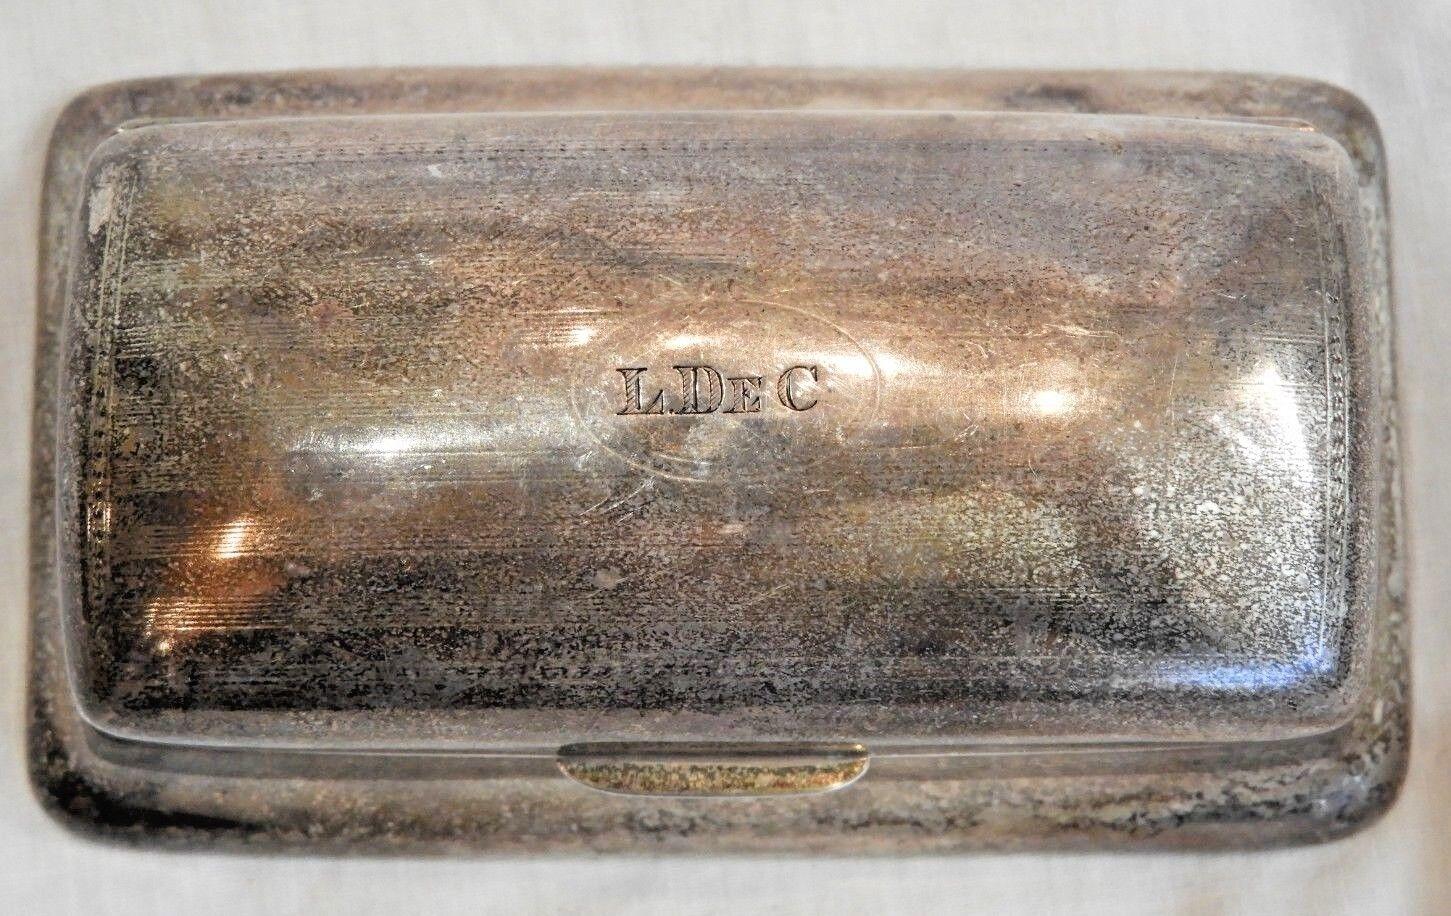 Antique Reed Barton Sterling Silver Stamp Holder Case - $231.20